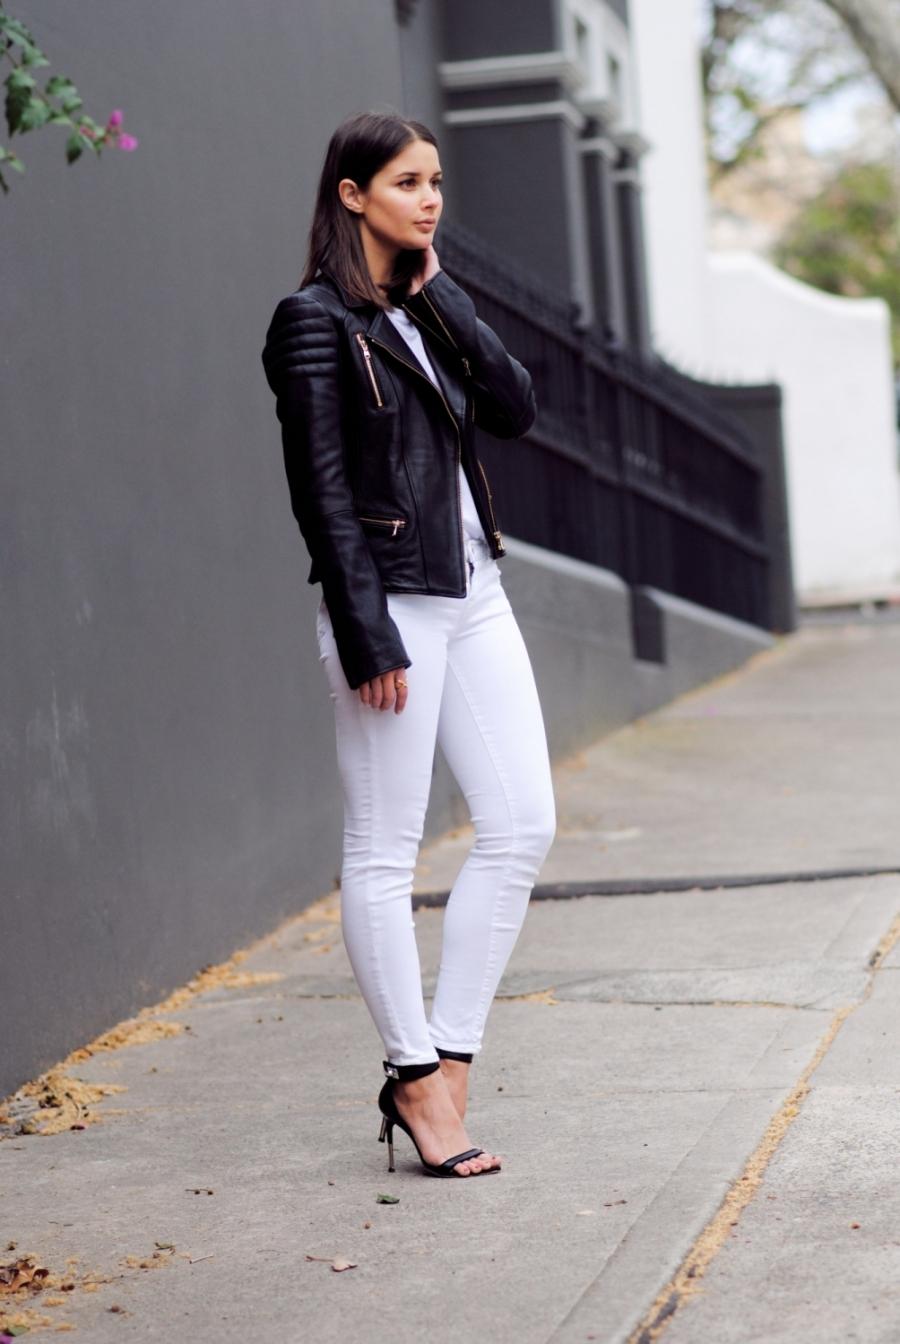 модели в кожаных джинсах фото hd